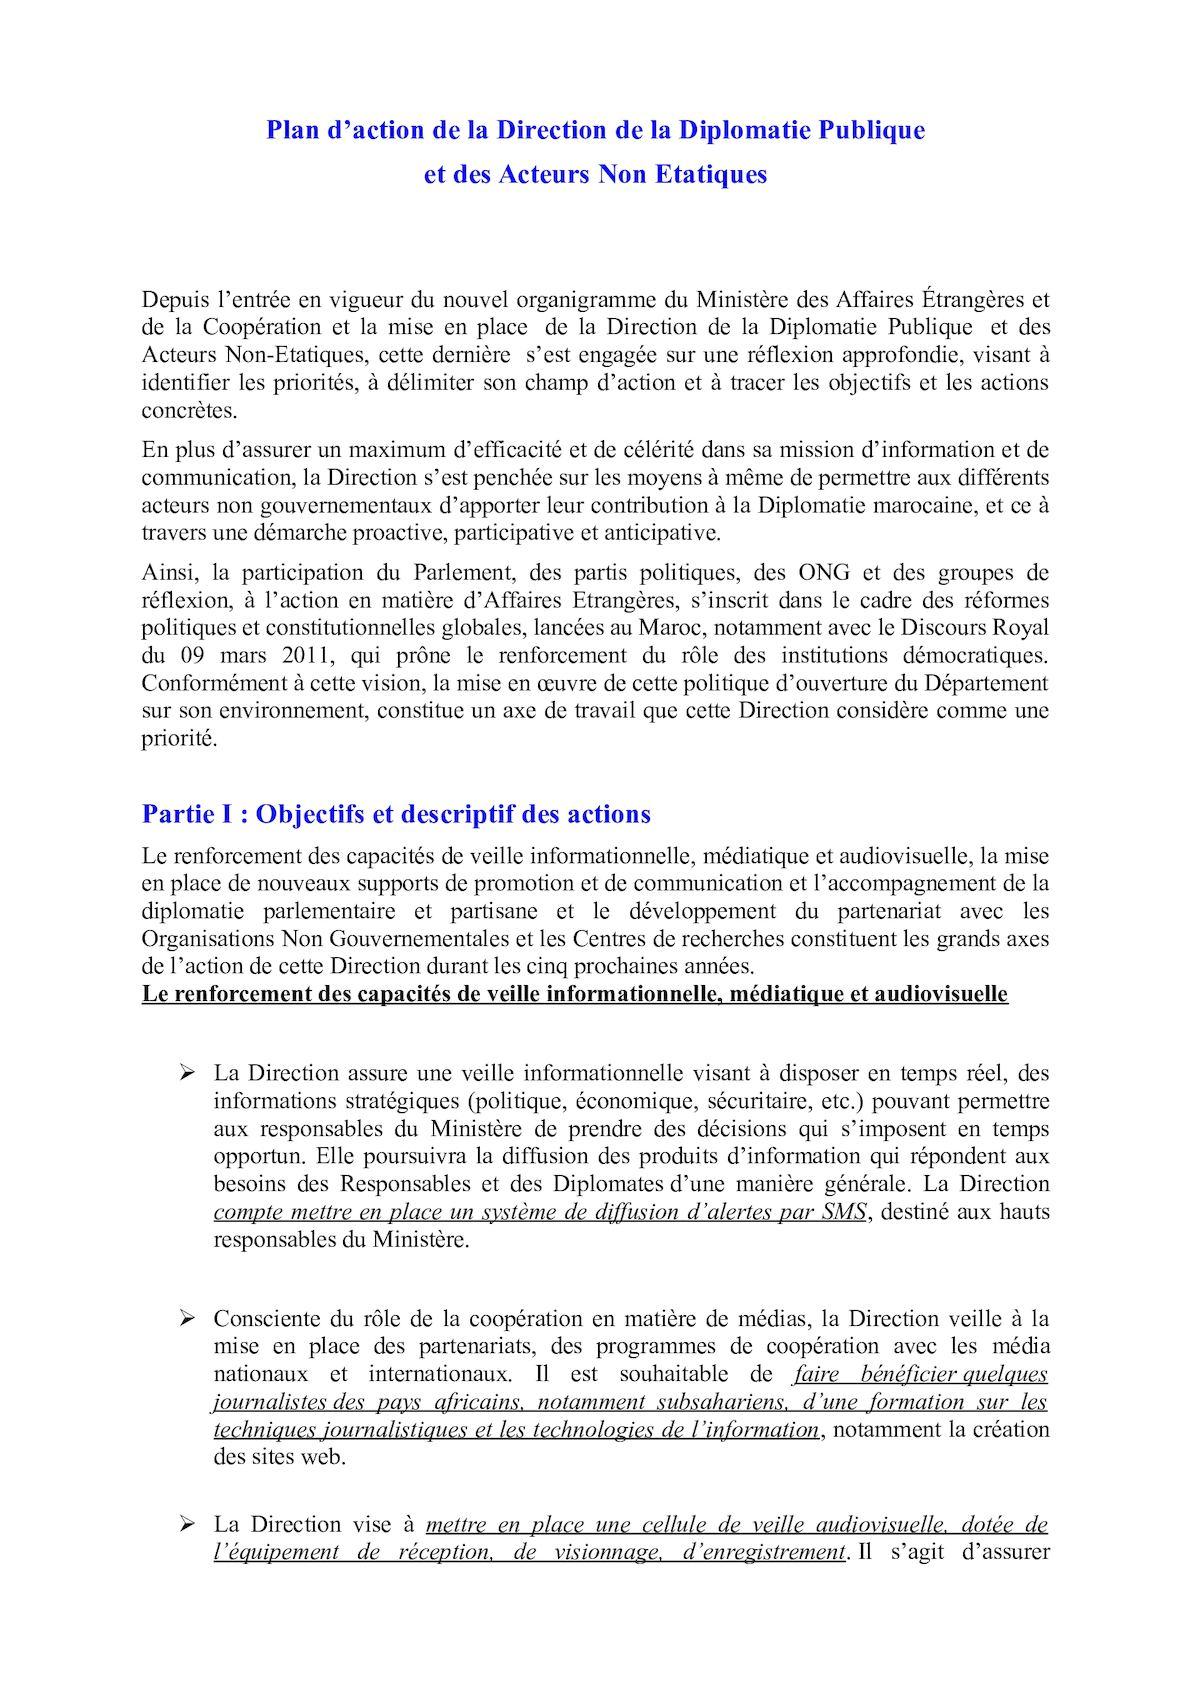 Plan D'action De La Direction De La Diplomatie Publique